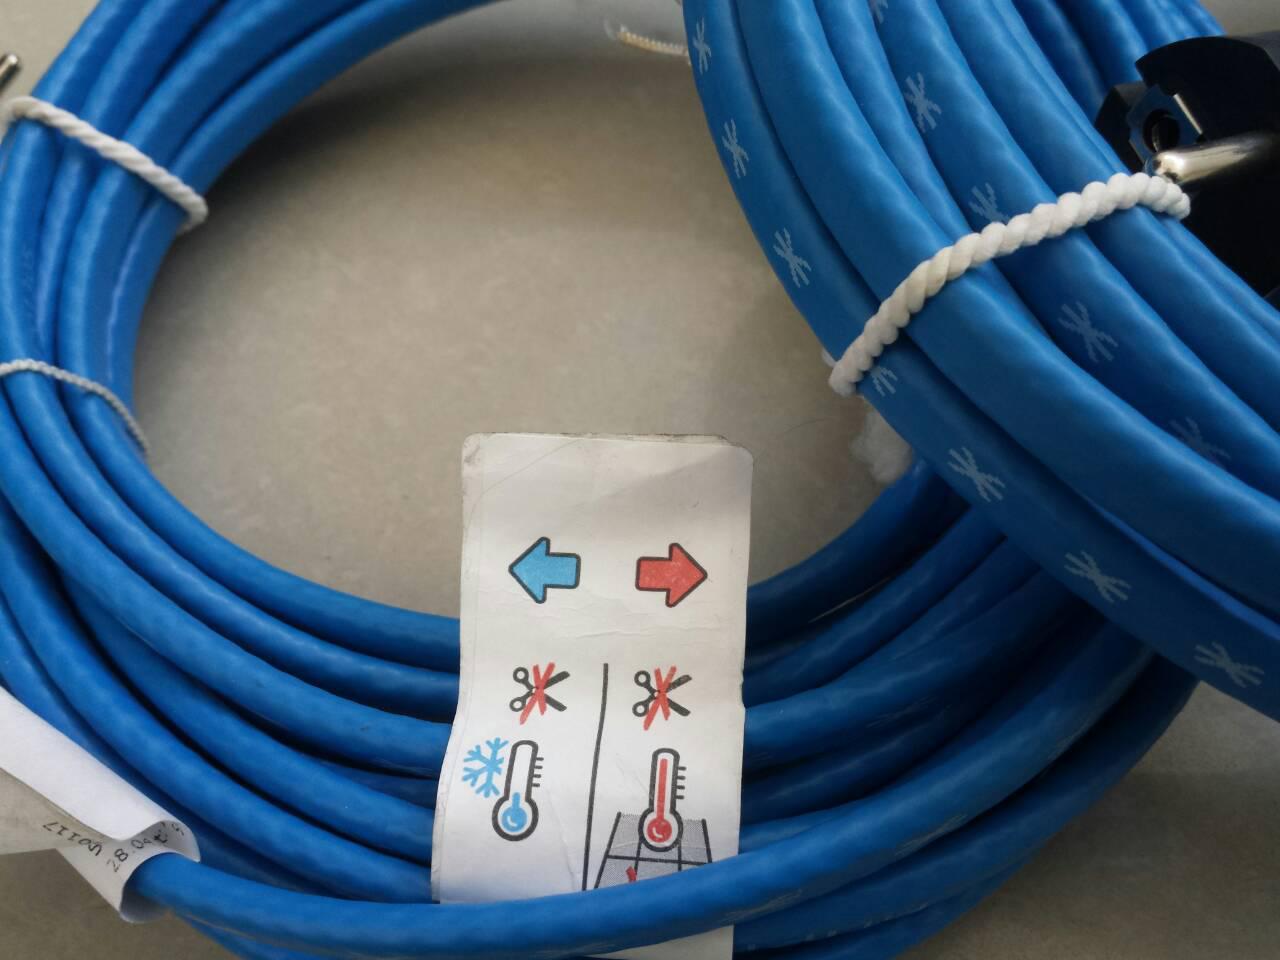 Кабель нагревательный (Германия) для защиты труб от замерзания ( 28 м )  - ИНТЕРНЕТ-МАГАЗИН  АНТАРЕС в Тернополе